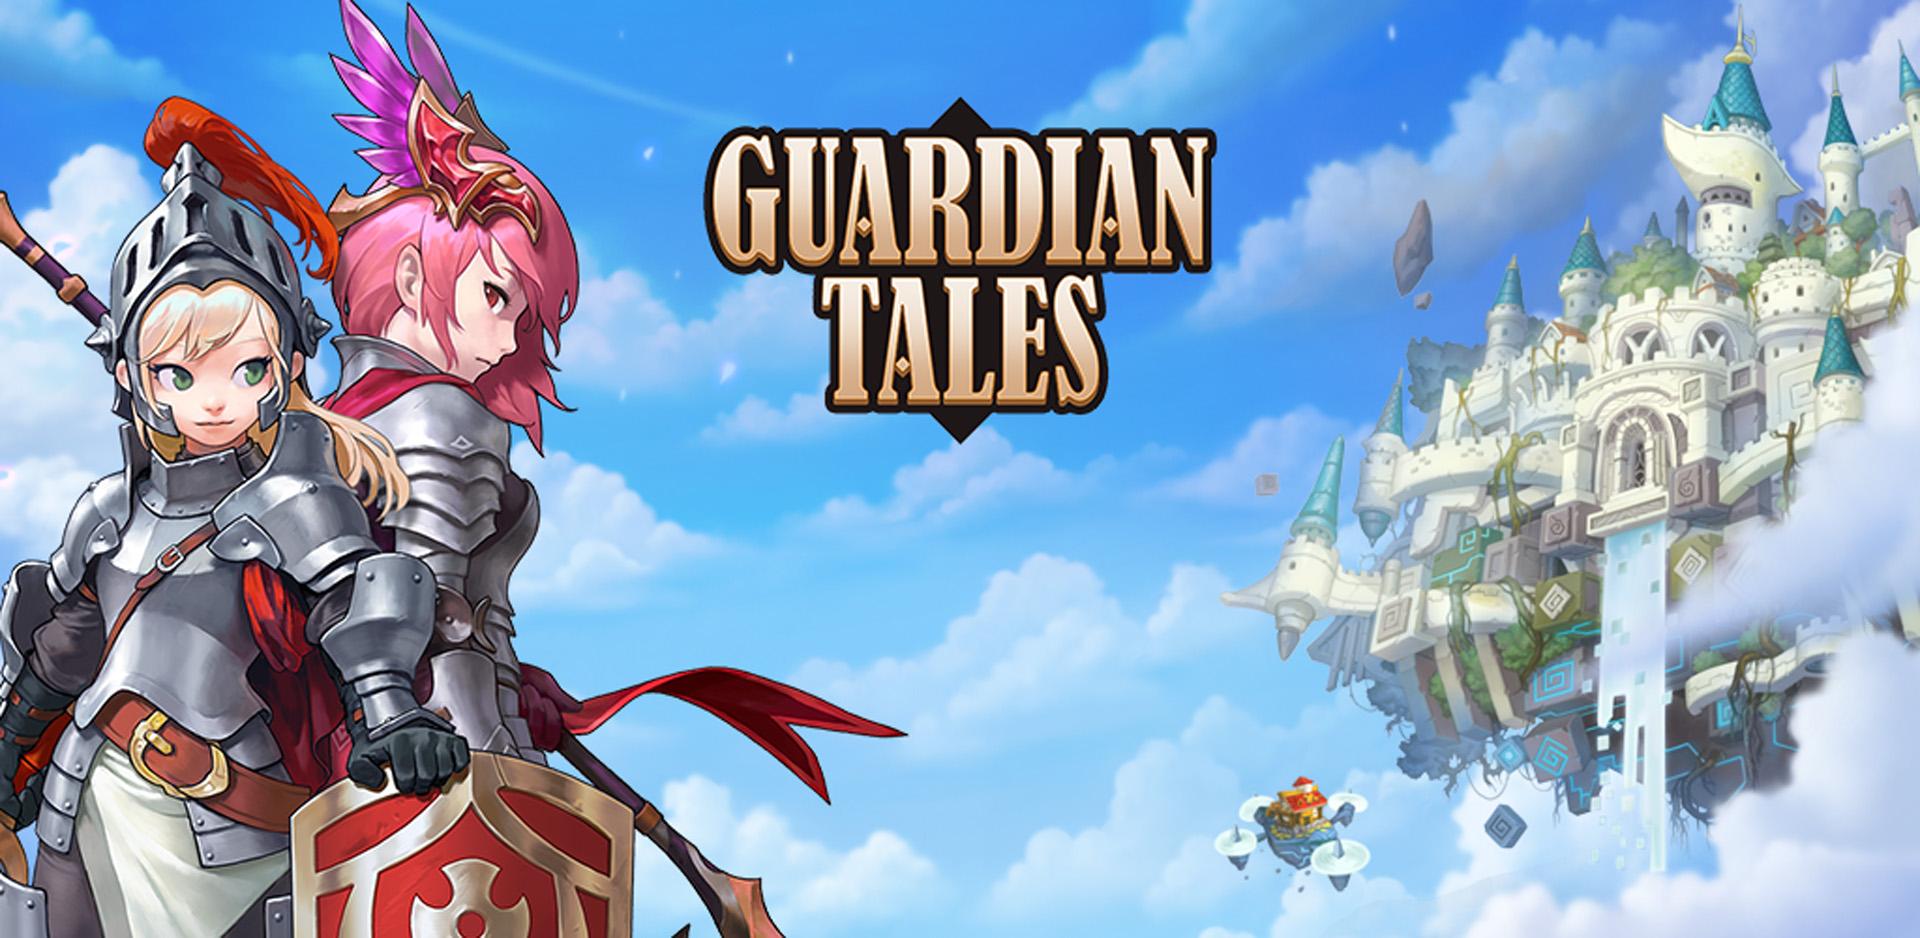 《守望傳說 Guardian Tales》:三星英雄之盤點